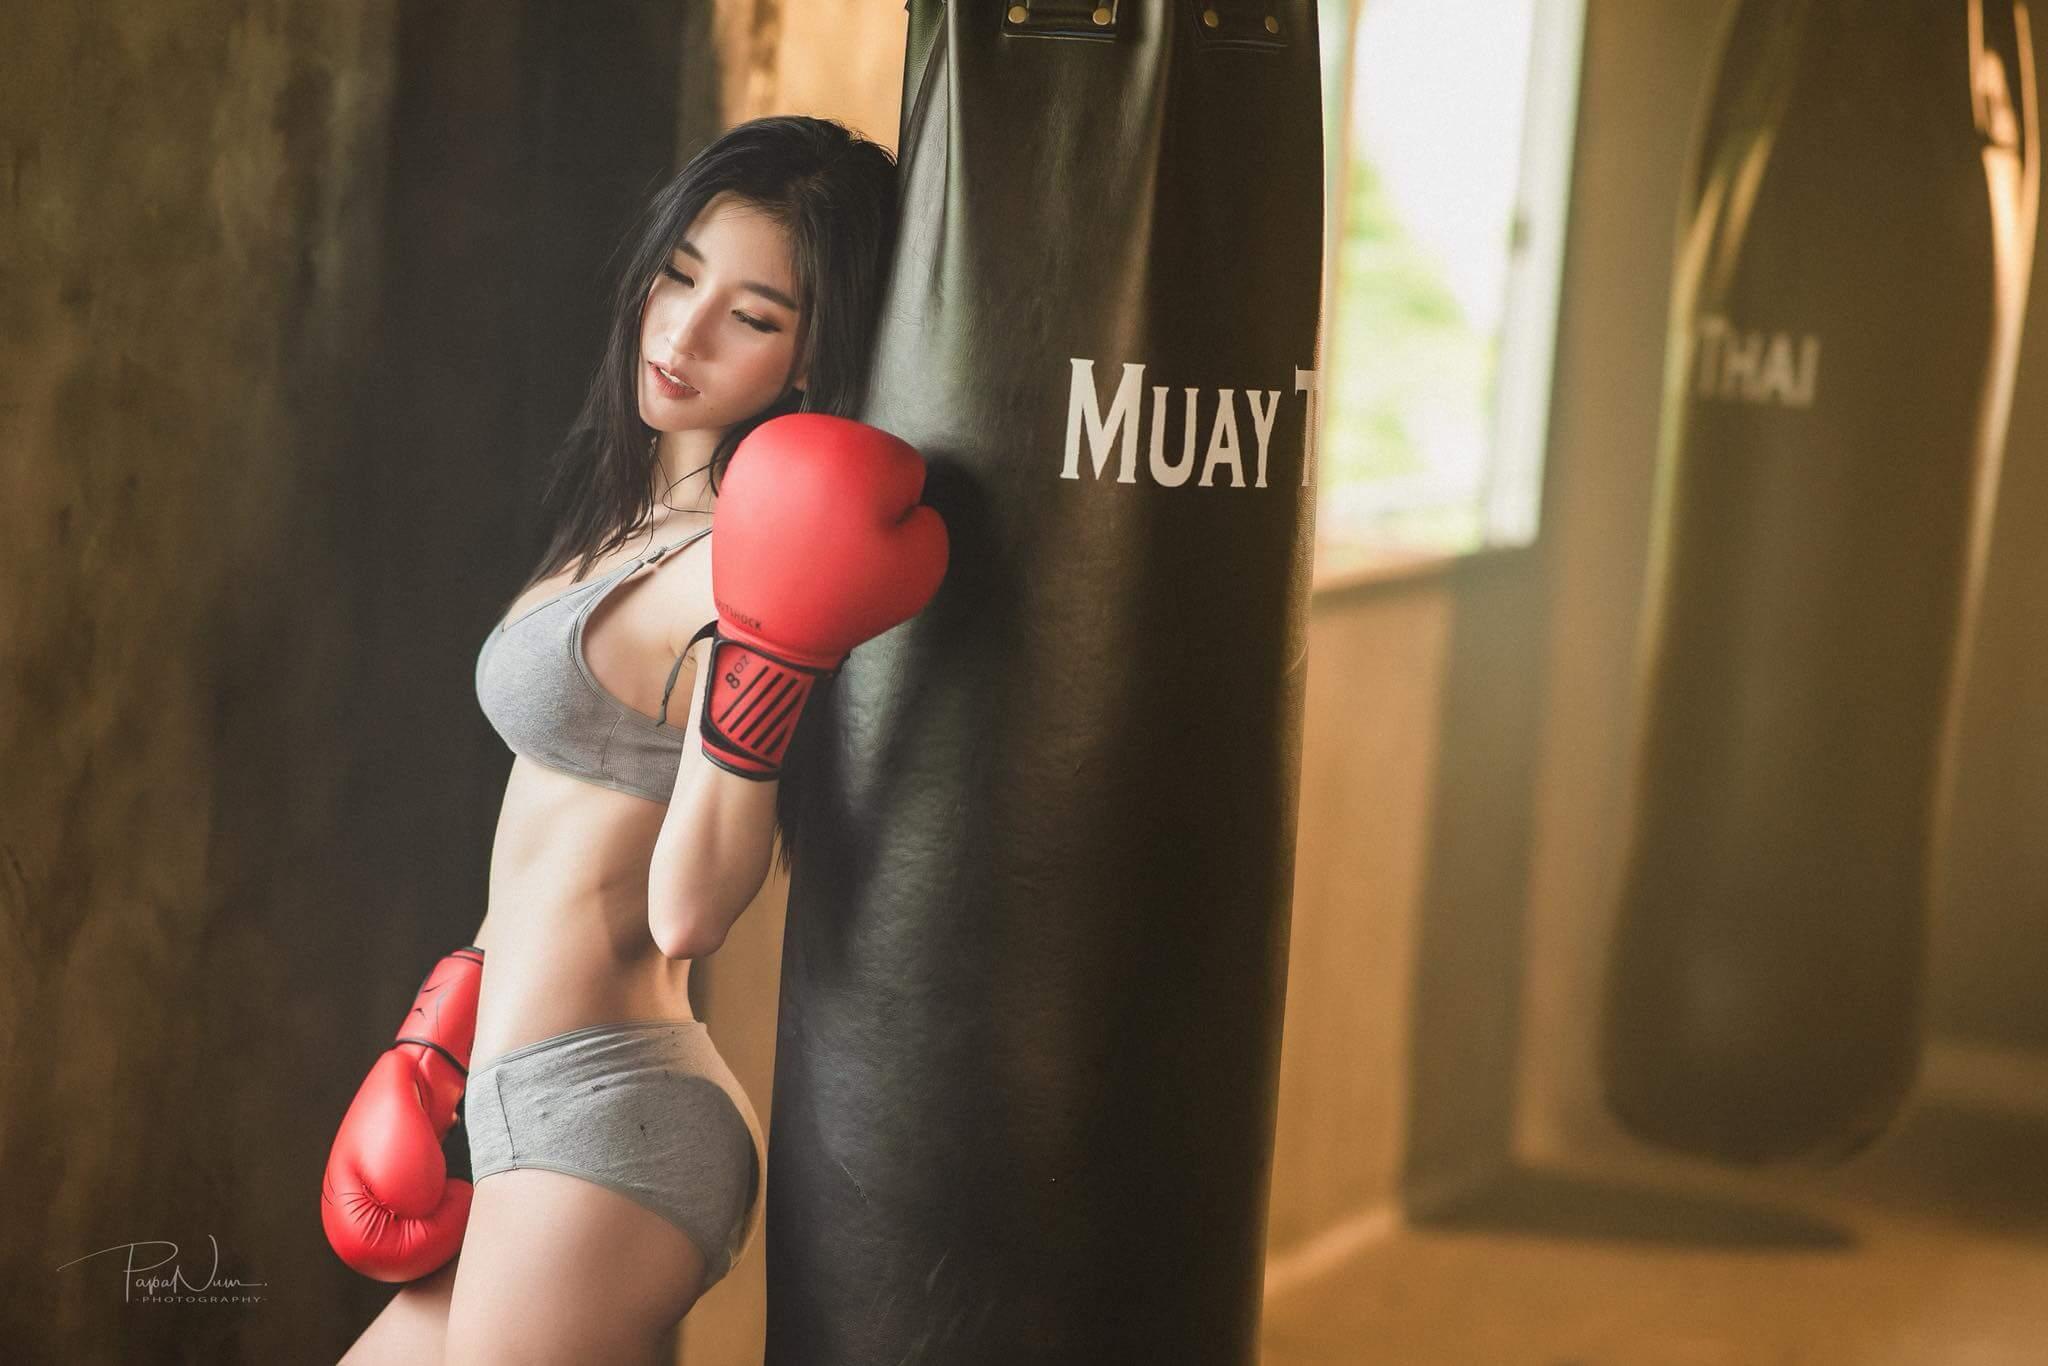 Nữ võ sĩ Muay Thái với thân hình gợi cảm đẹp tuyệt vời sau giờ tập luyện căng thẳng - Hình 9